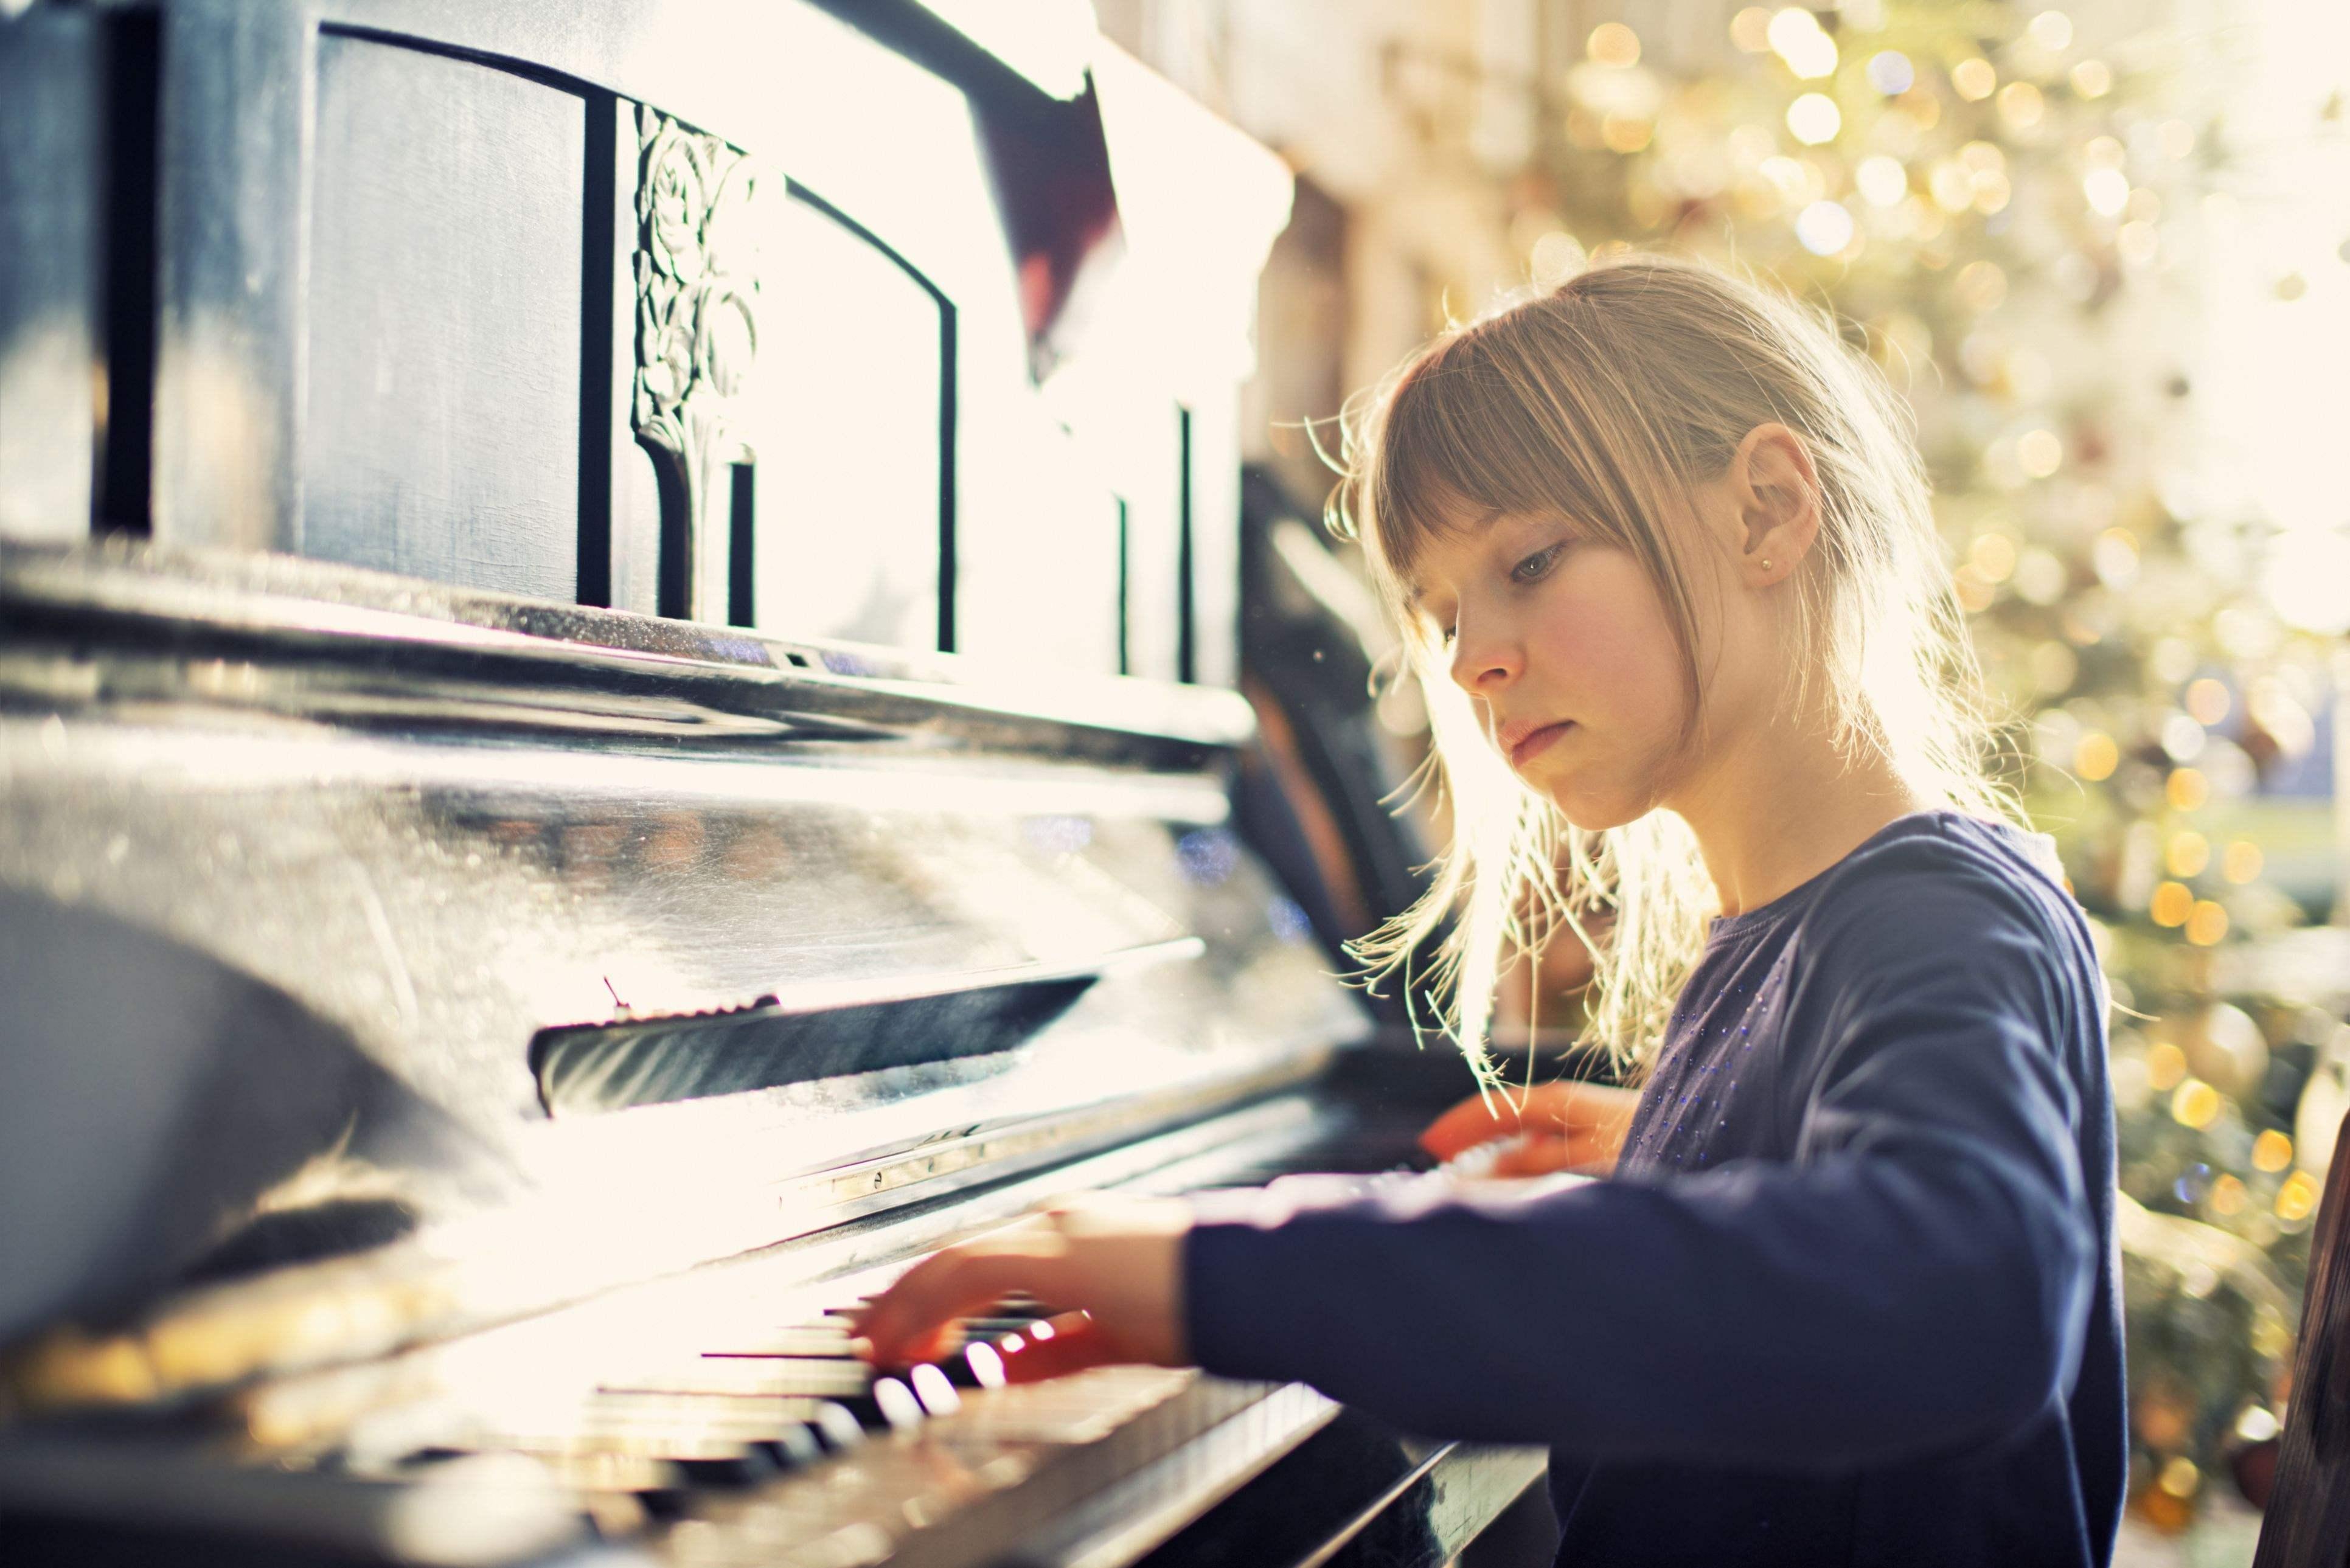 孩子弹琴太紧张是什么原因?应该如何解决?